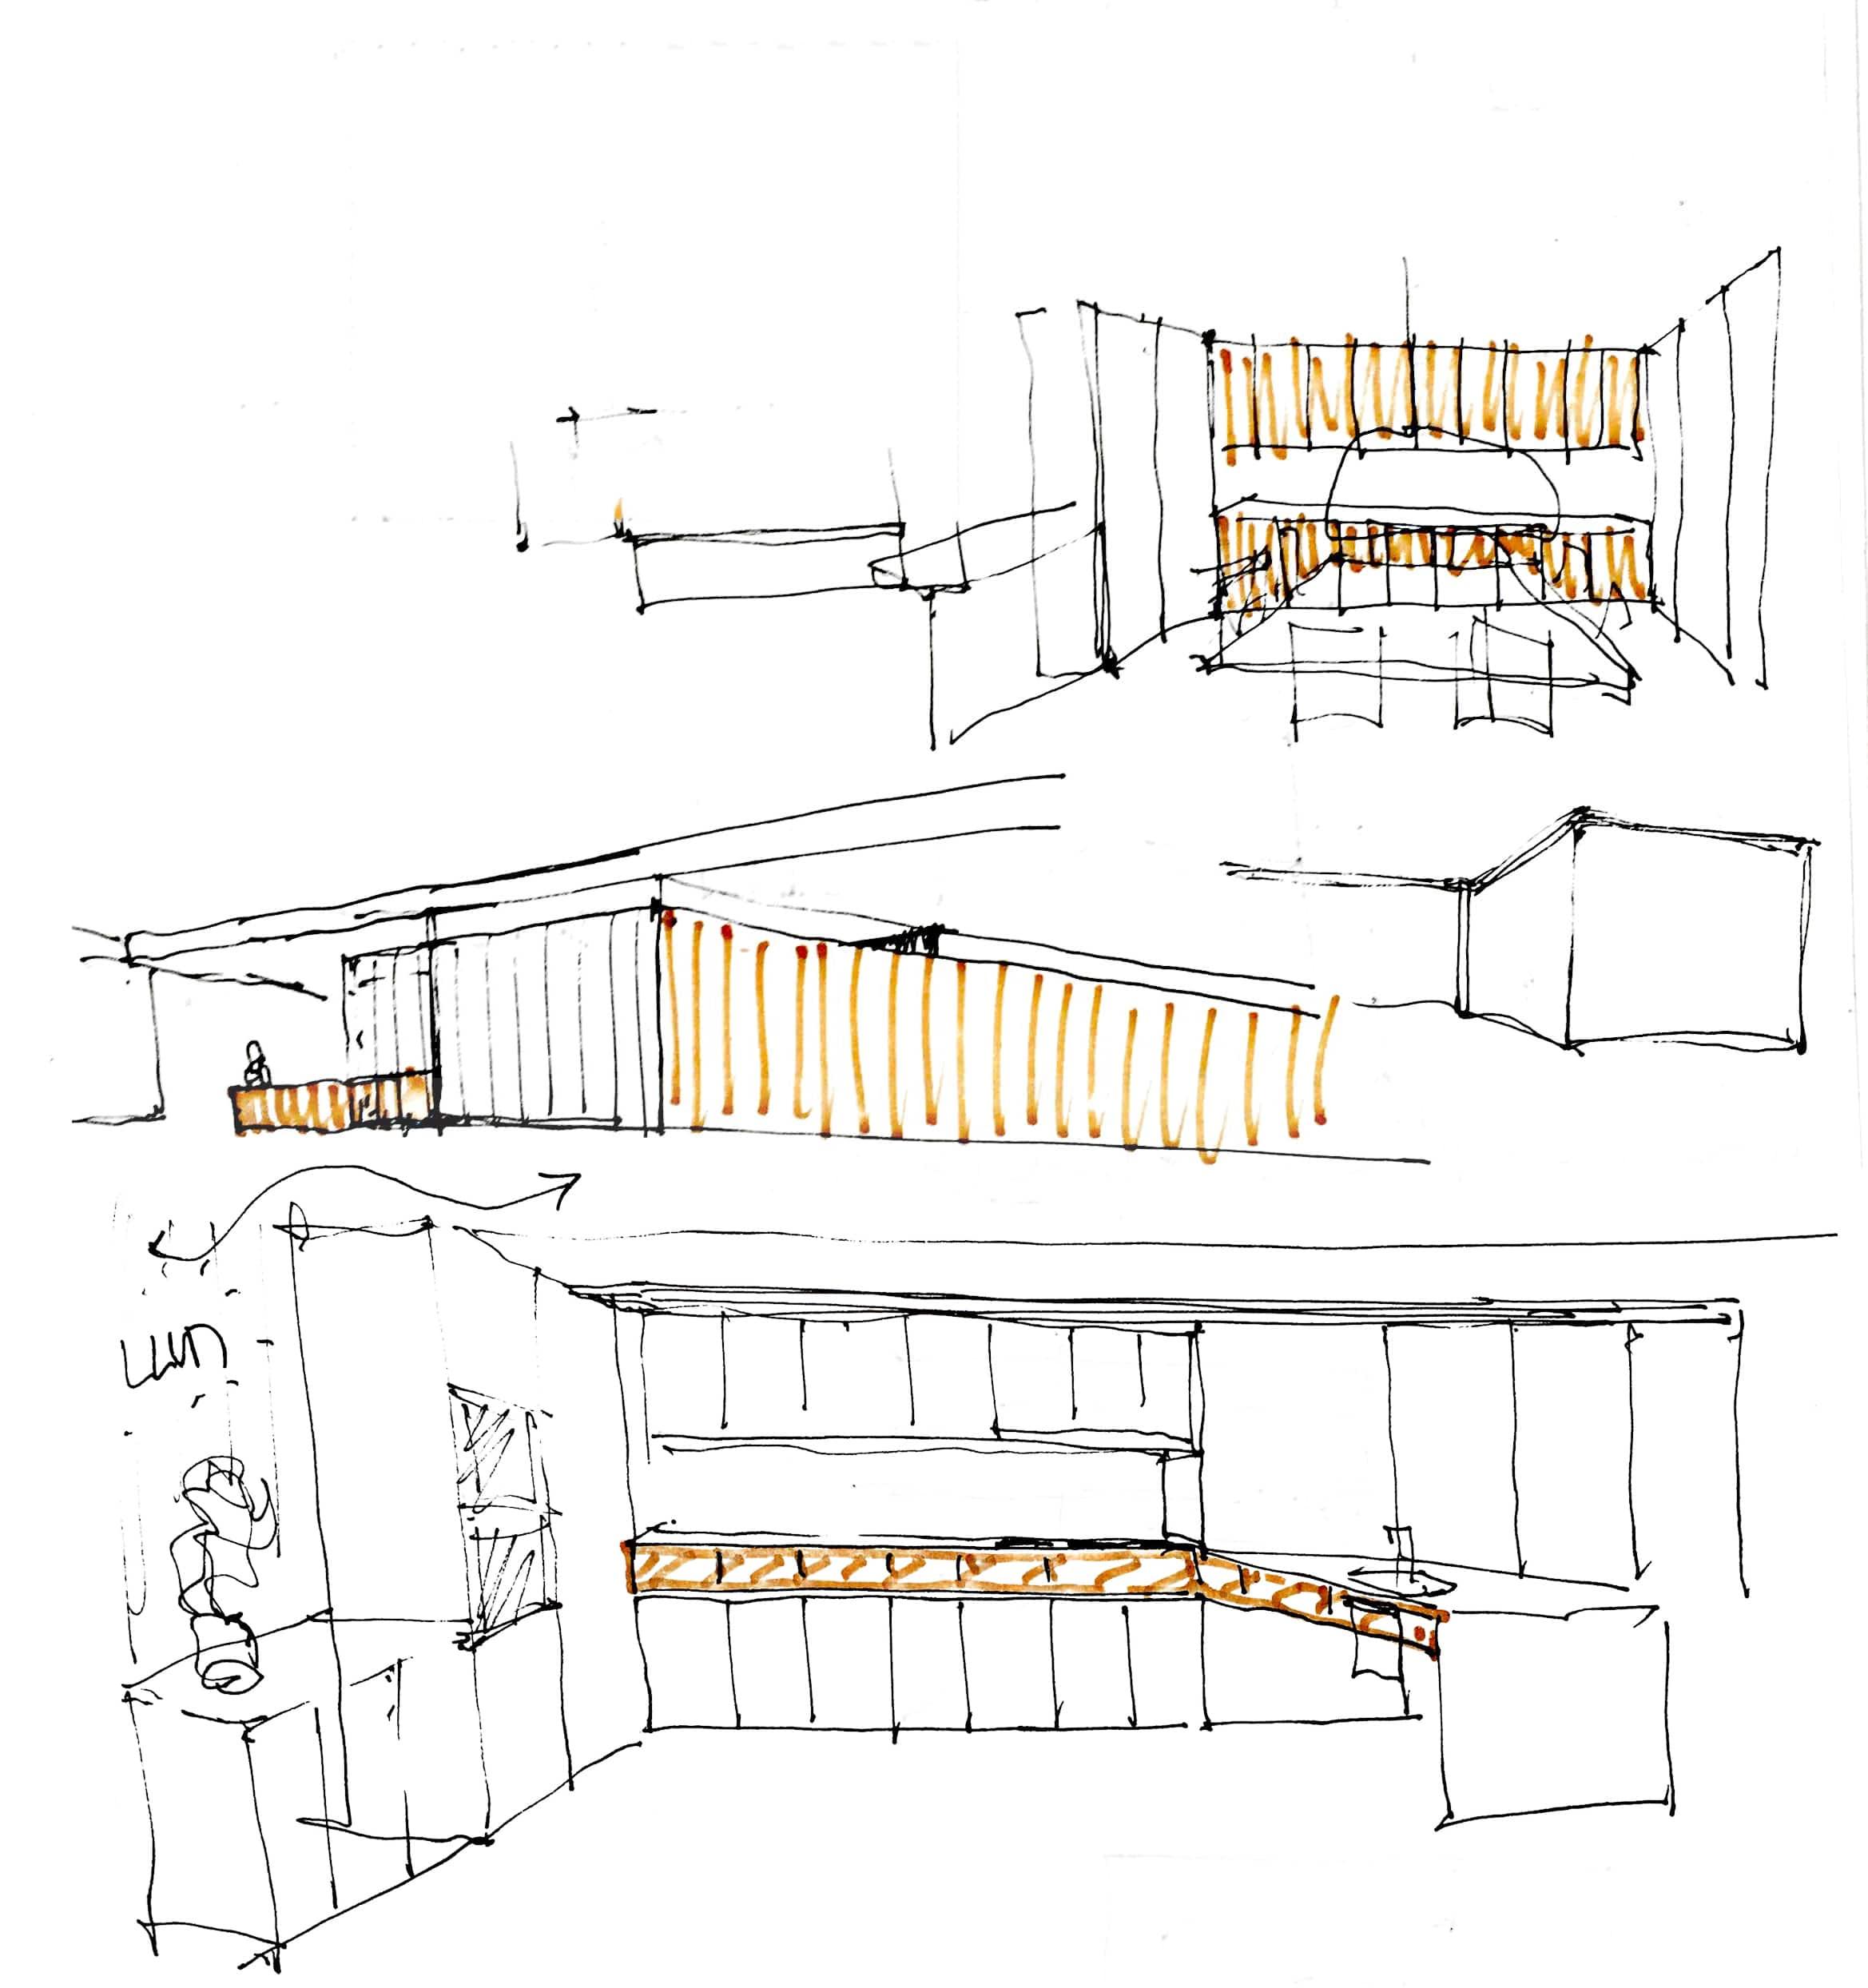 Fem arquitectura casa am - Fem arquitectura ...